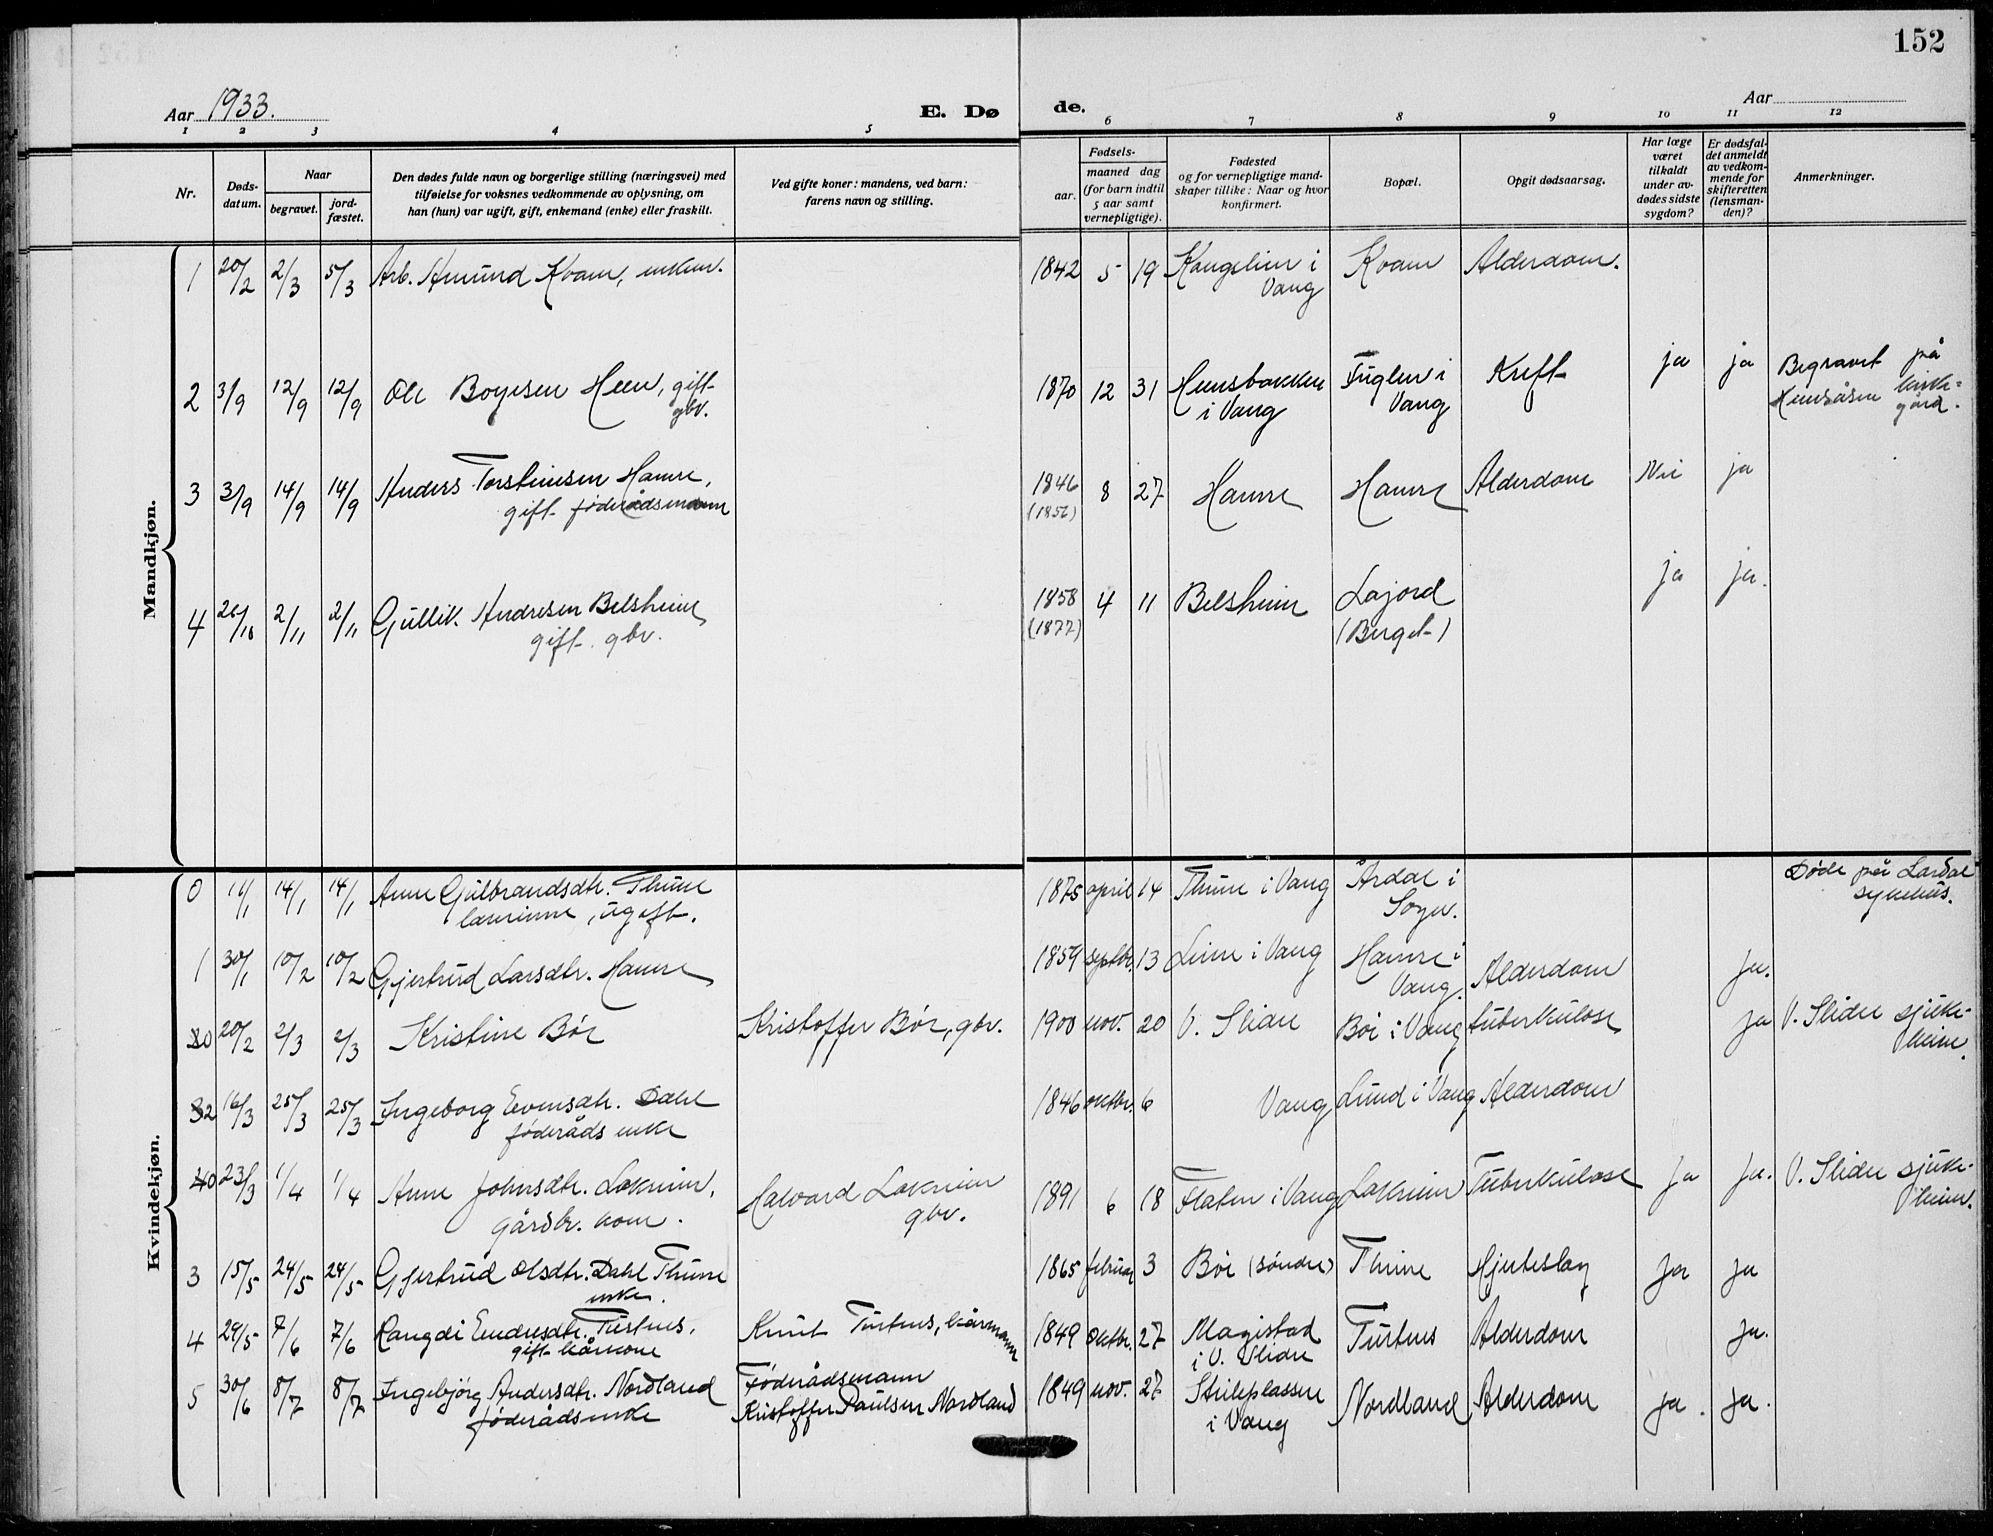 SAH, Vang prestekontor, Valdres, Klokkerbok nr. 12, 1919-1937, s. 152